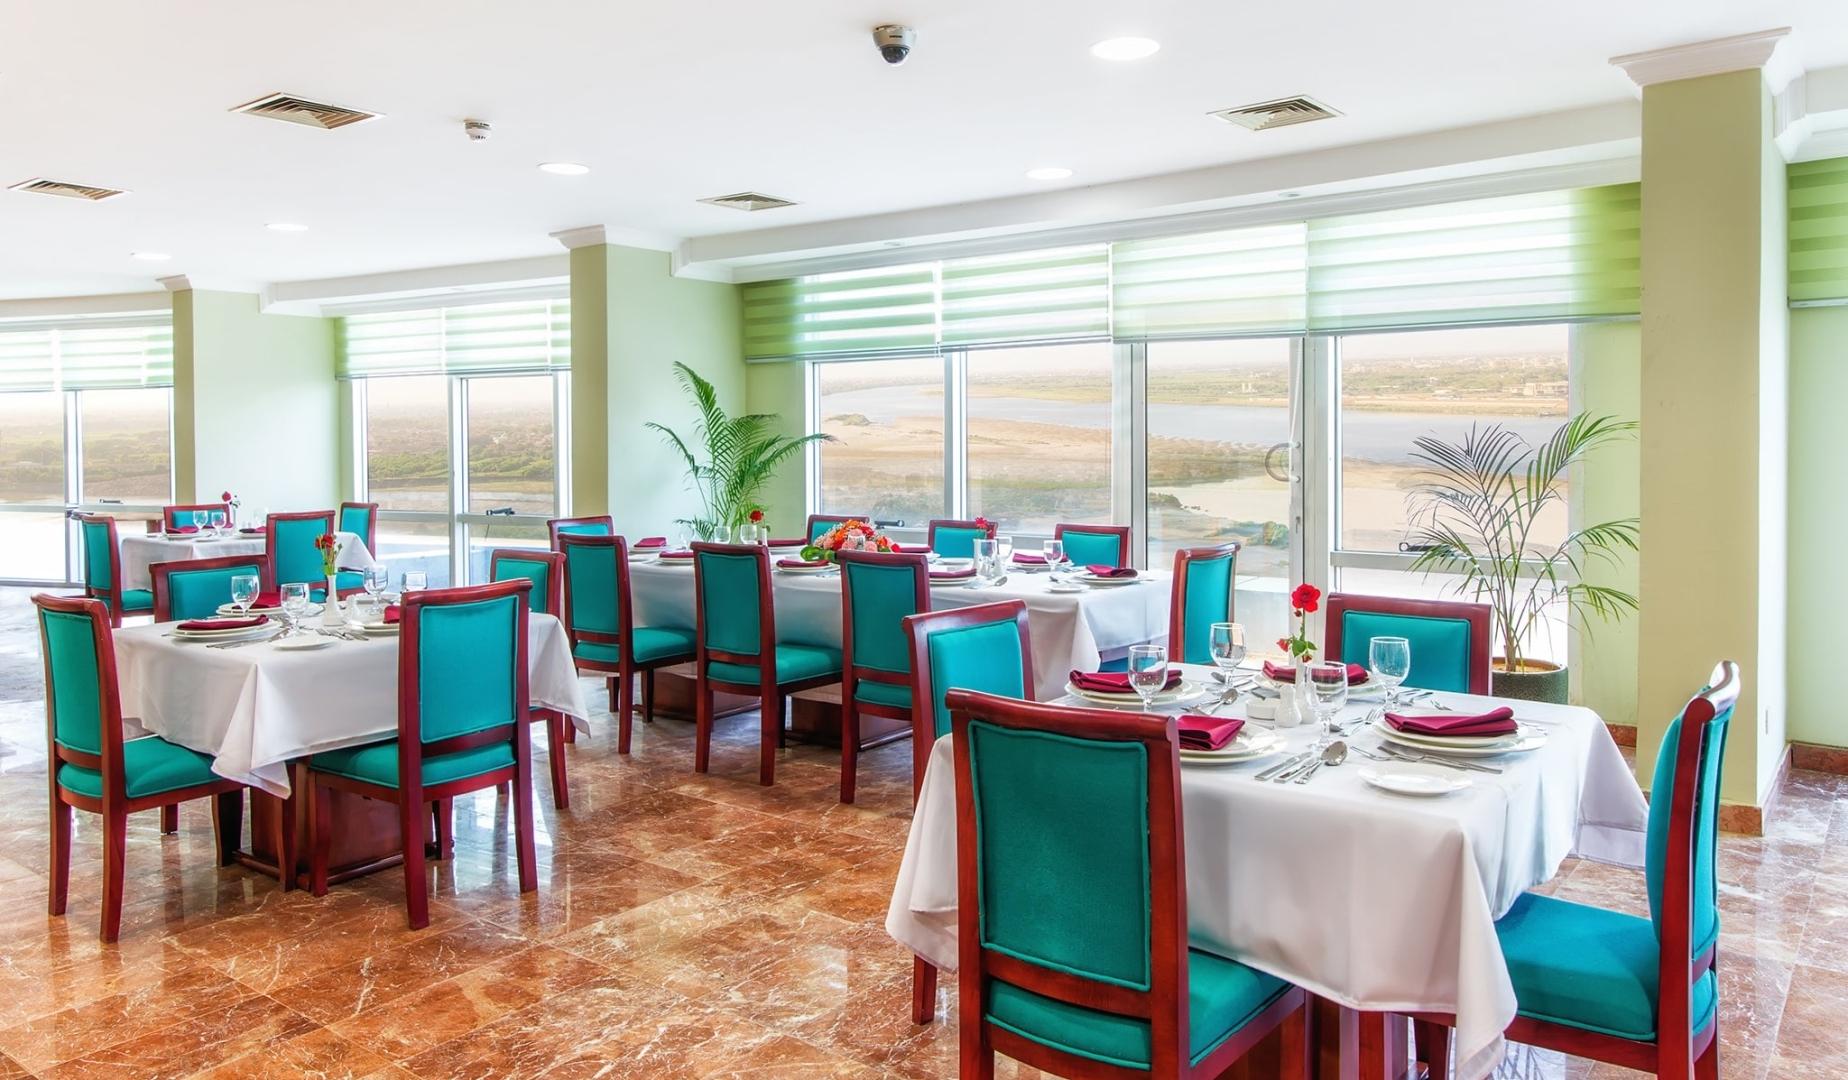 Ewa Khartoum Hotel & Apartments Restaurants